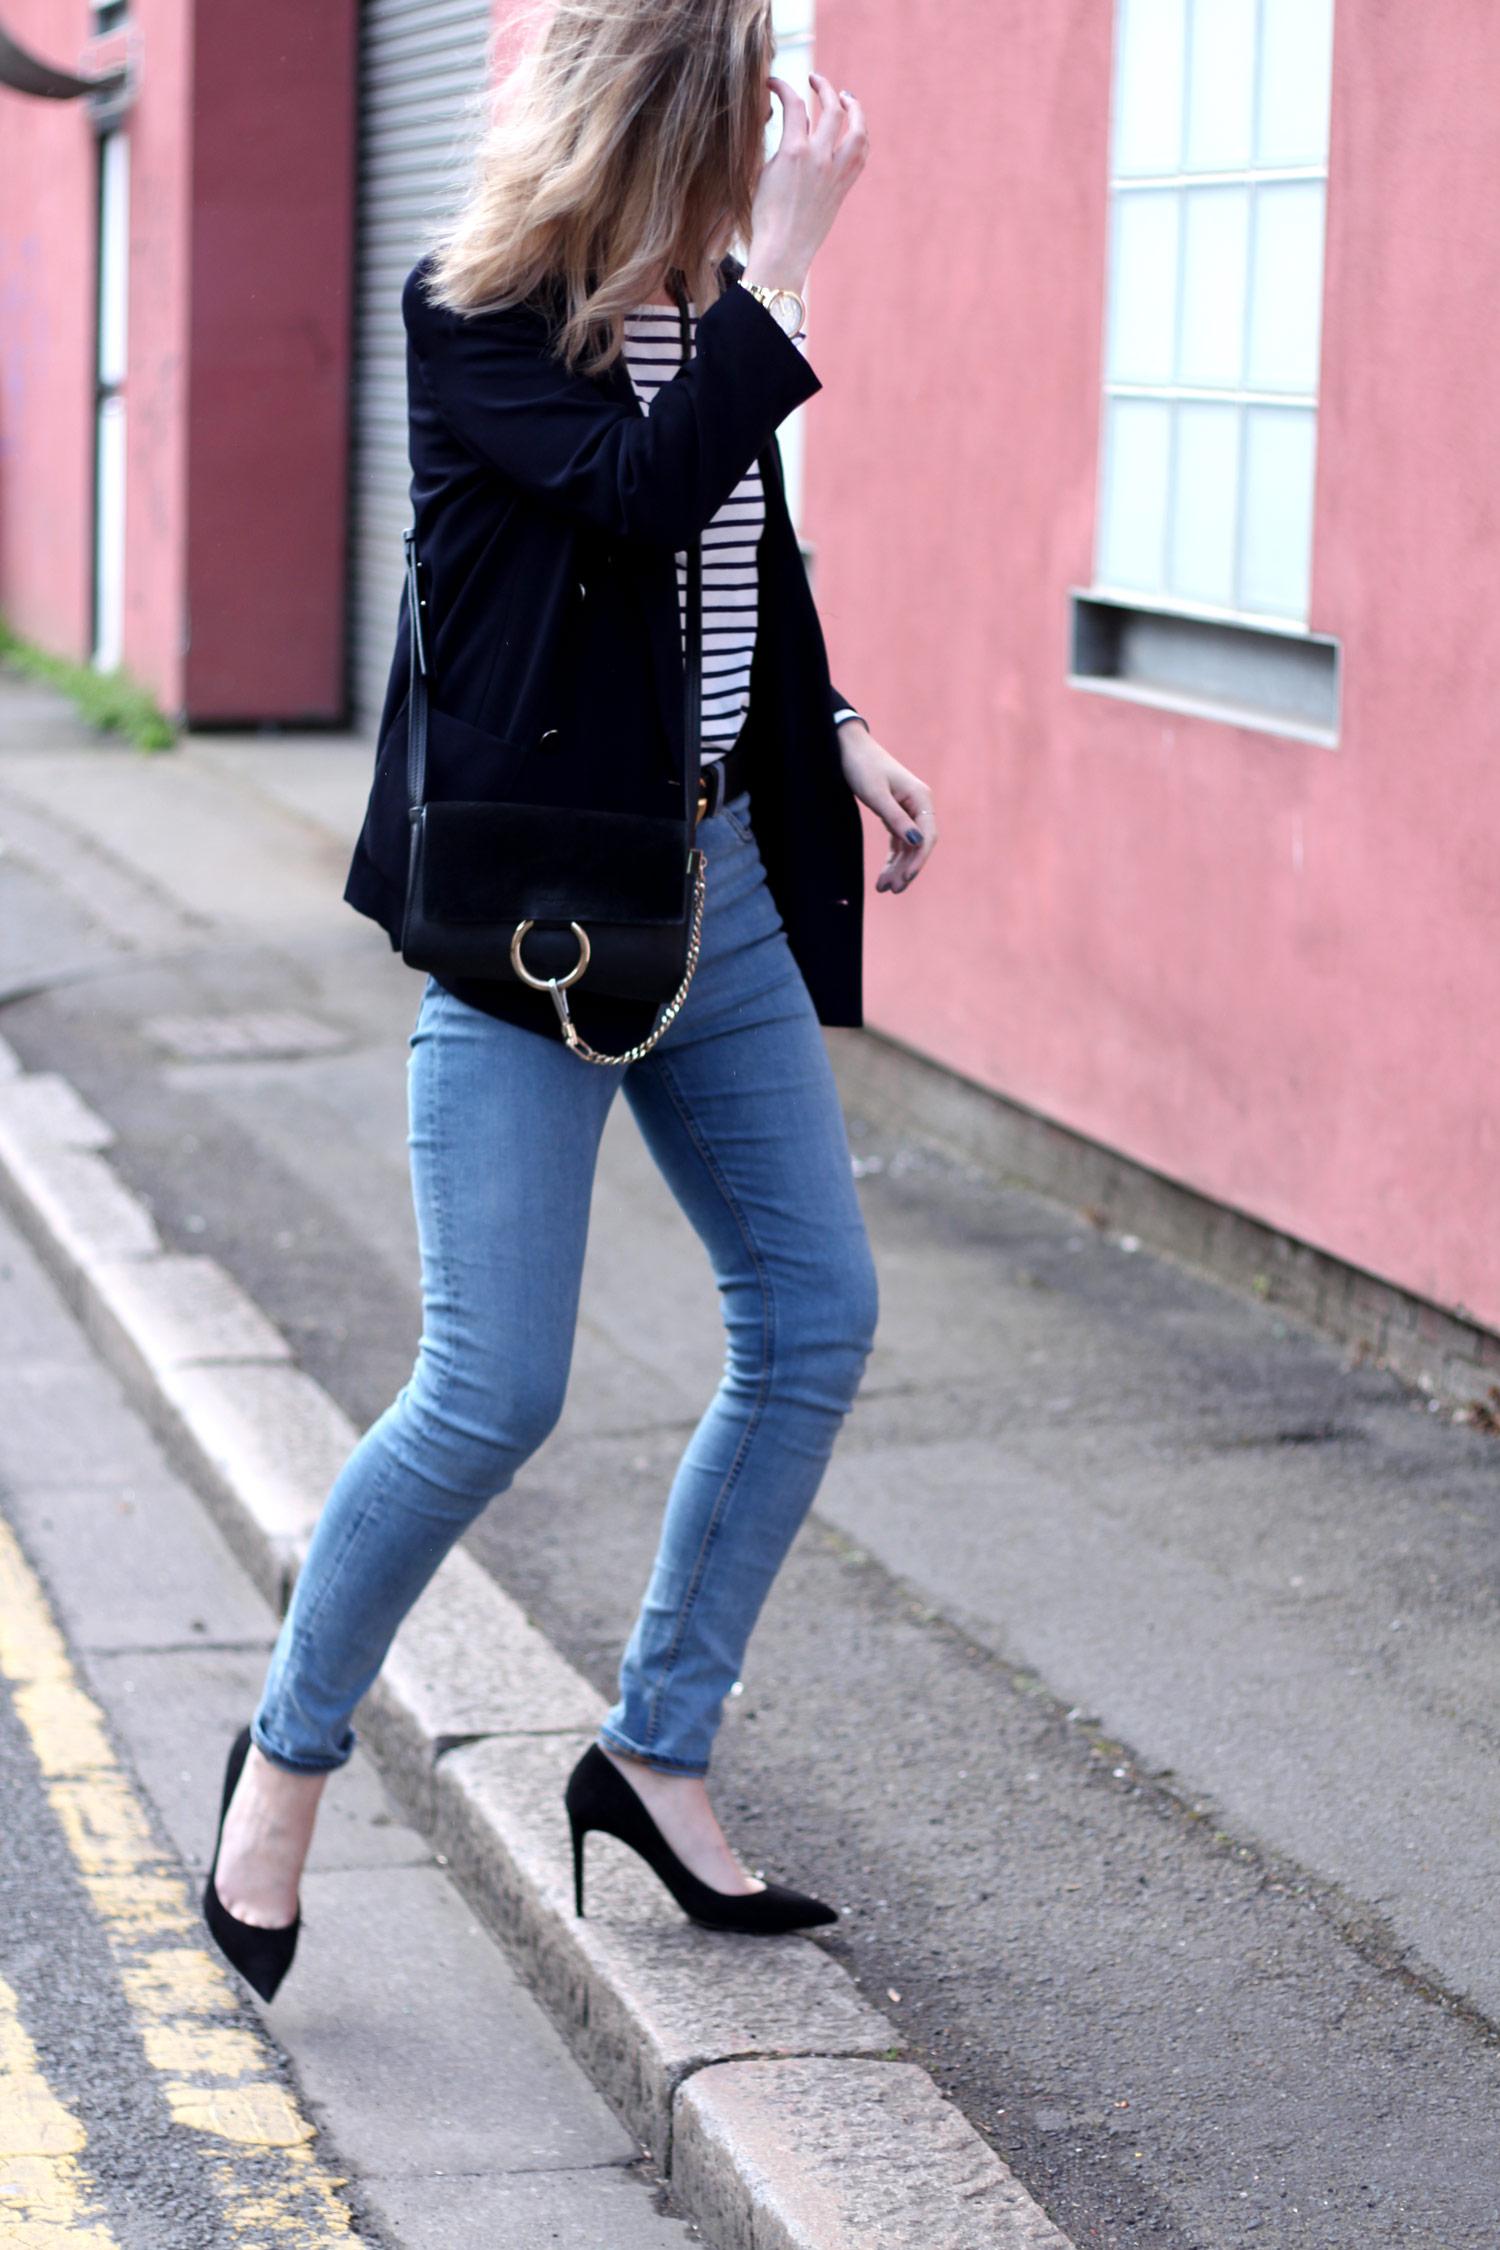 farfetch-dolce-gabbana-black-suede-heels-weekday-jeans-chloe-faye-black